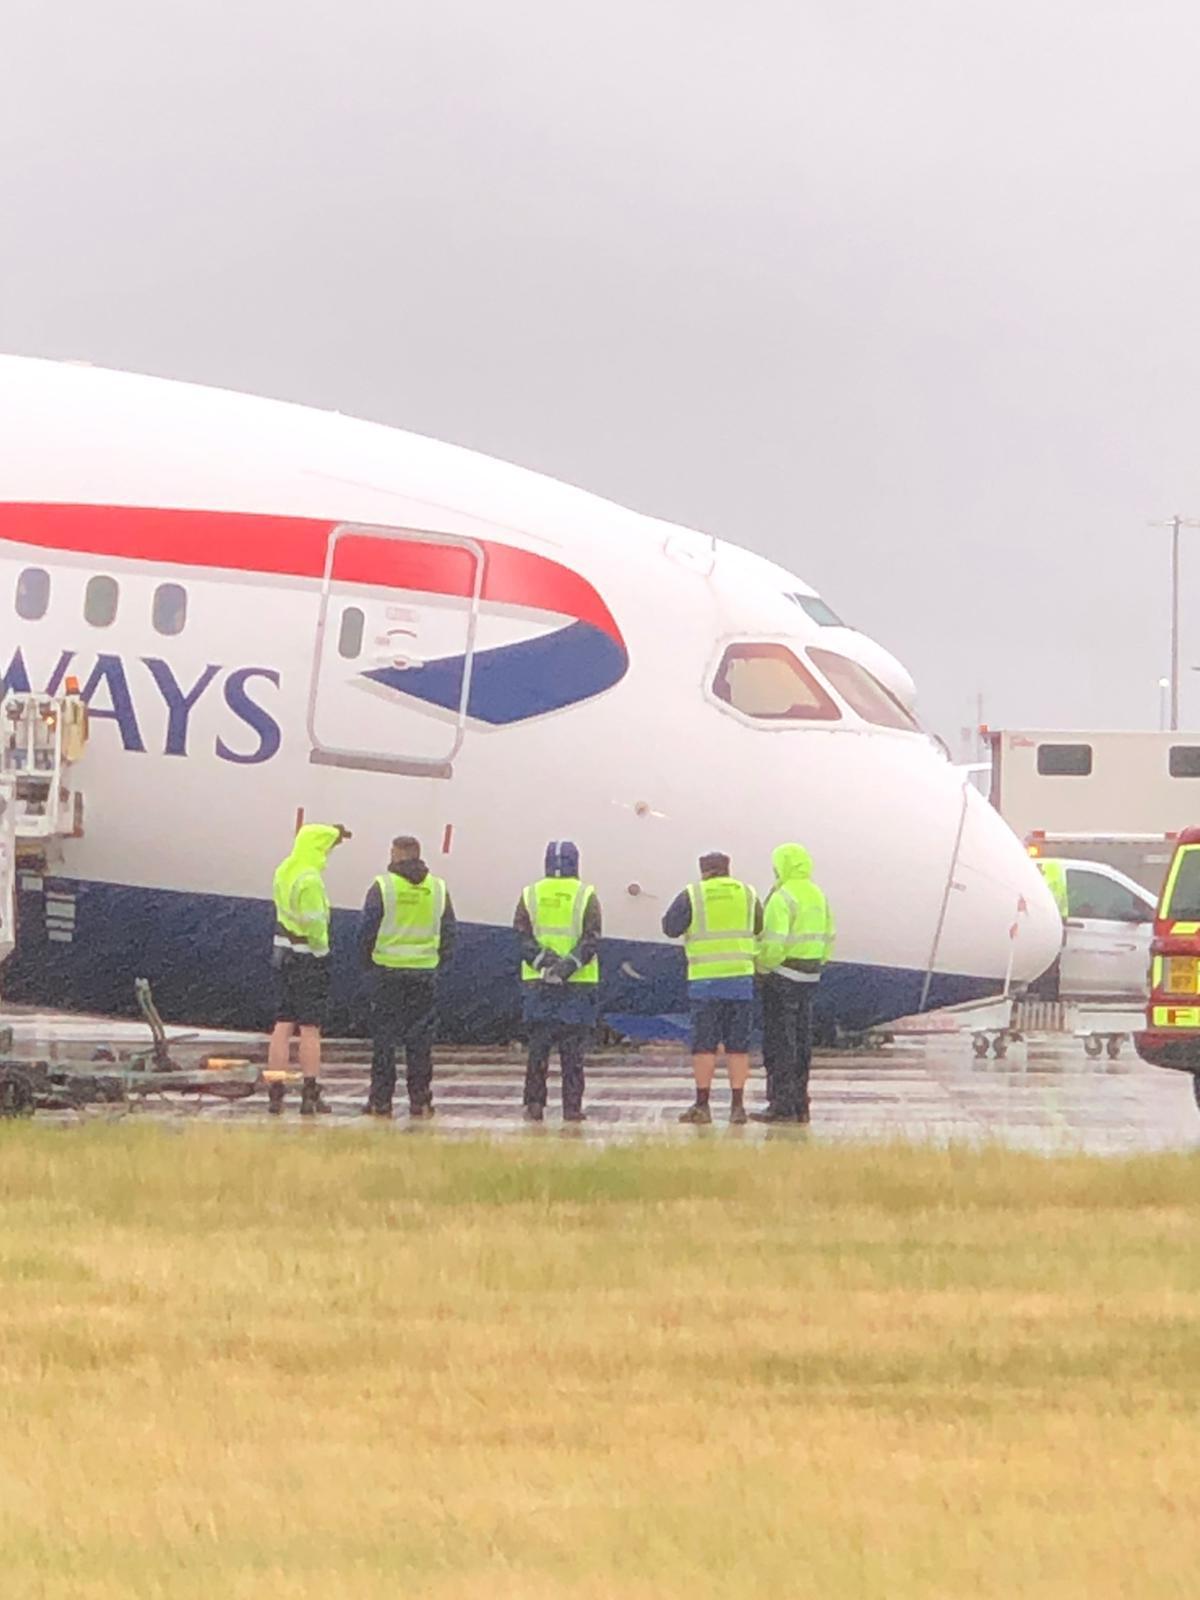 ブリティッシュエアウェイズのB787型機の前輪が駐機中に崩壊